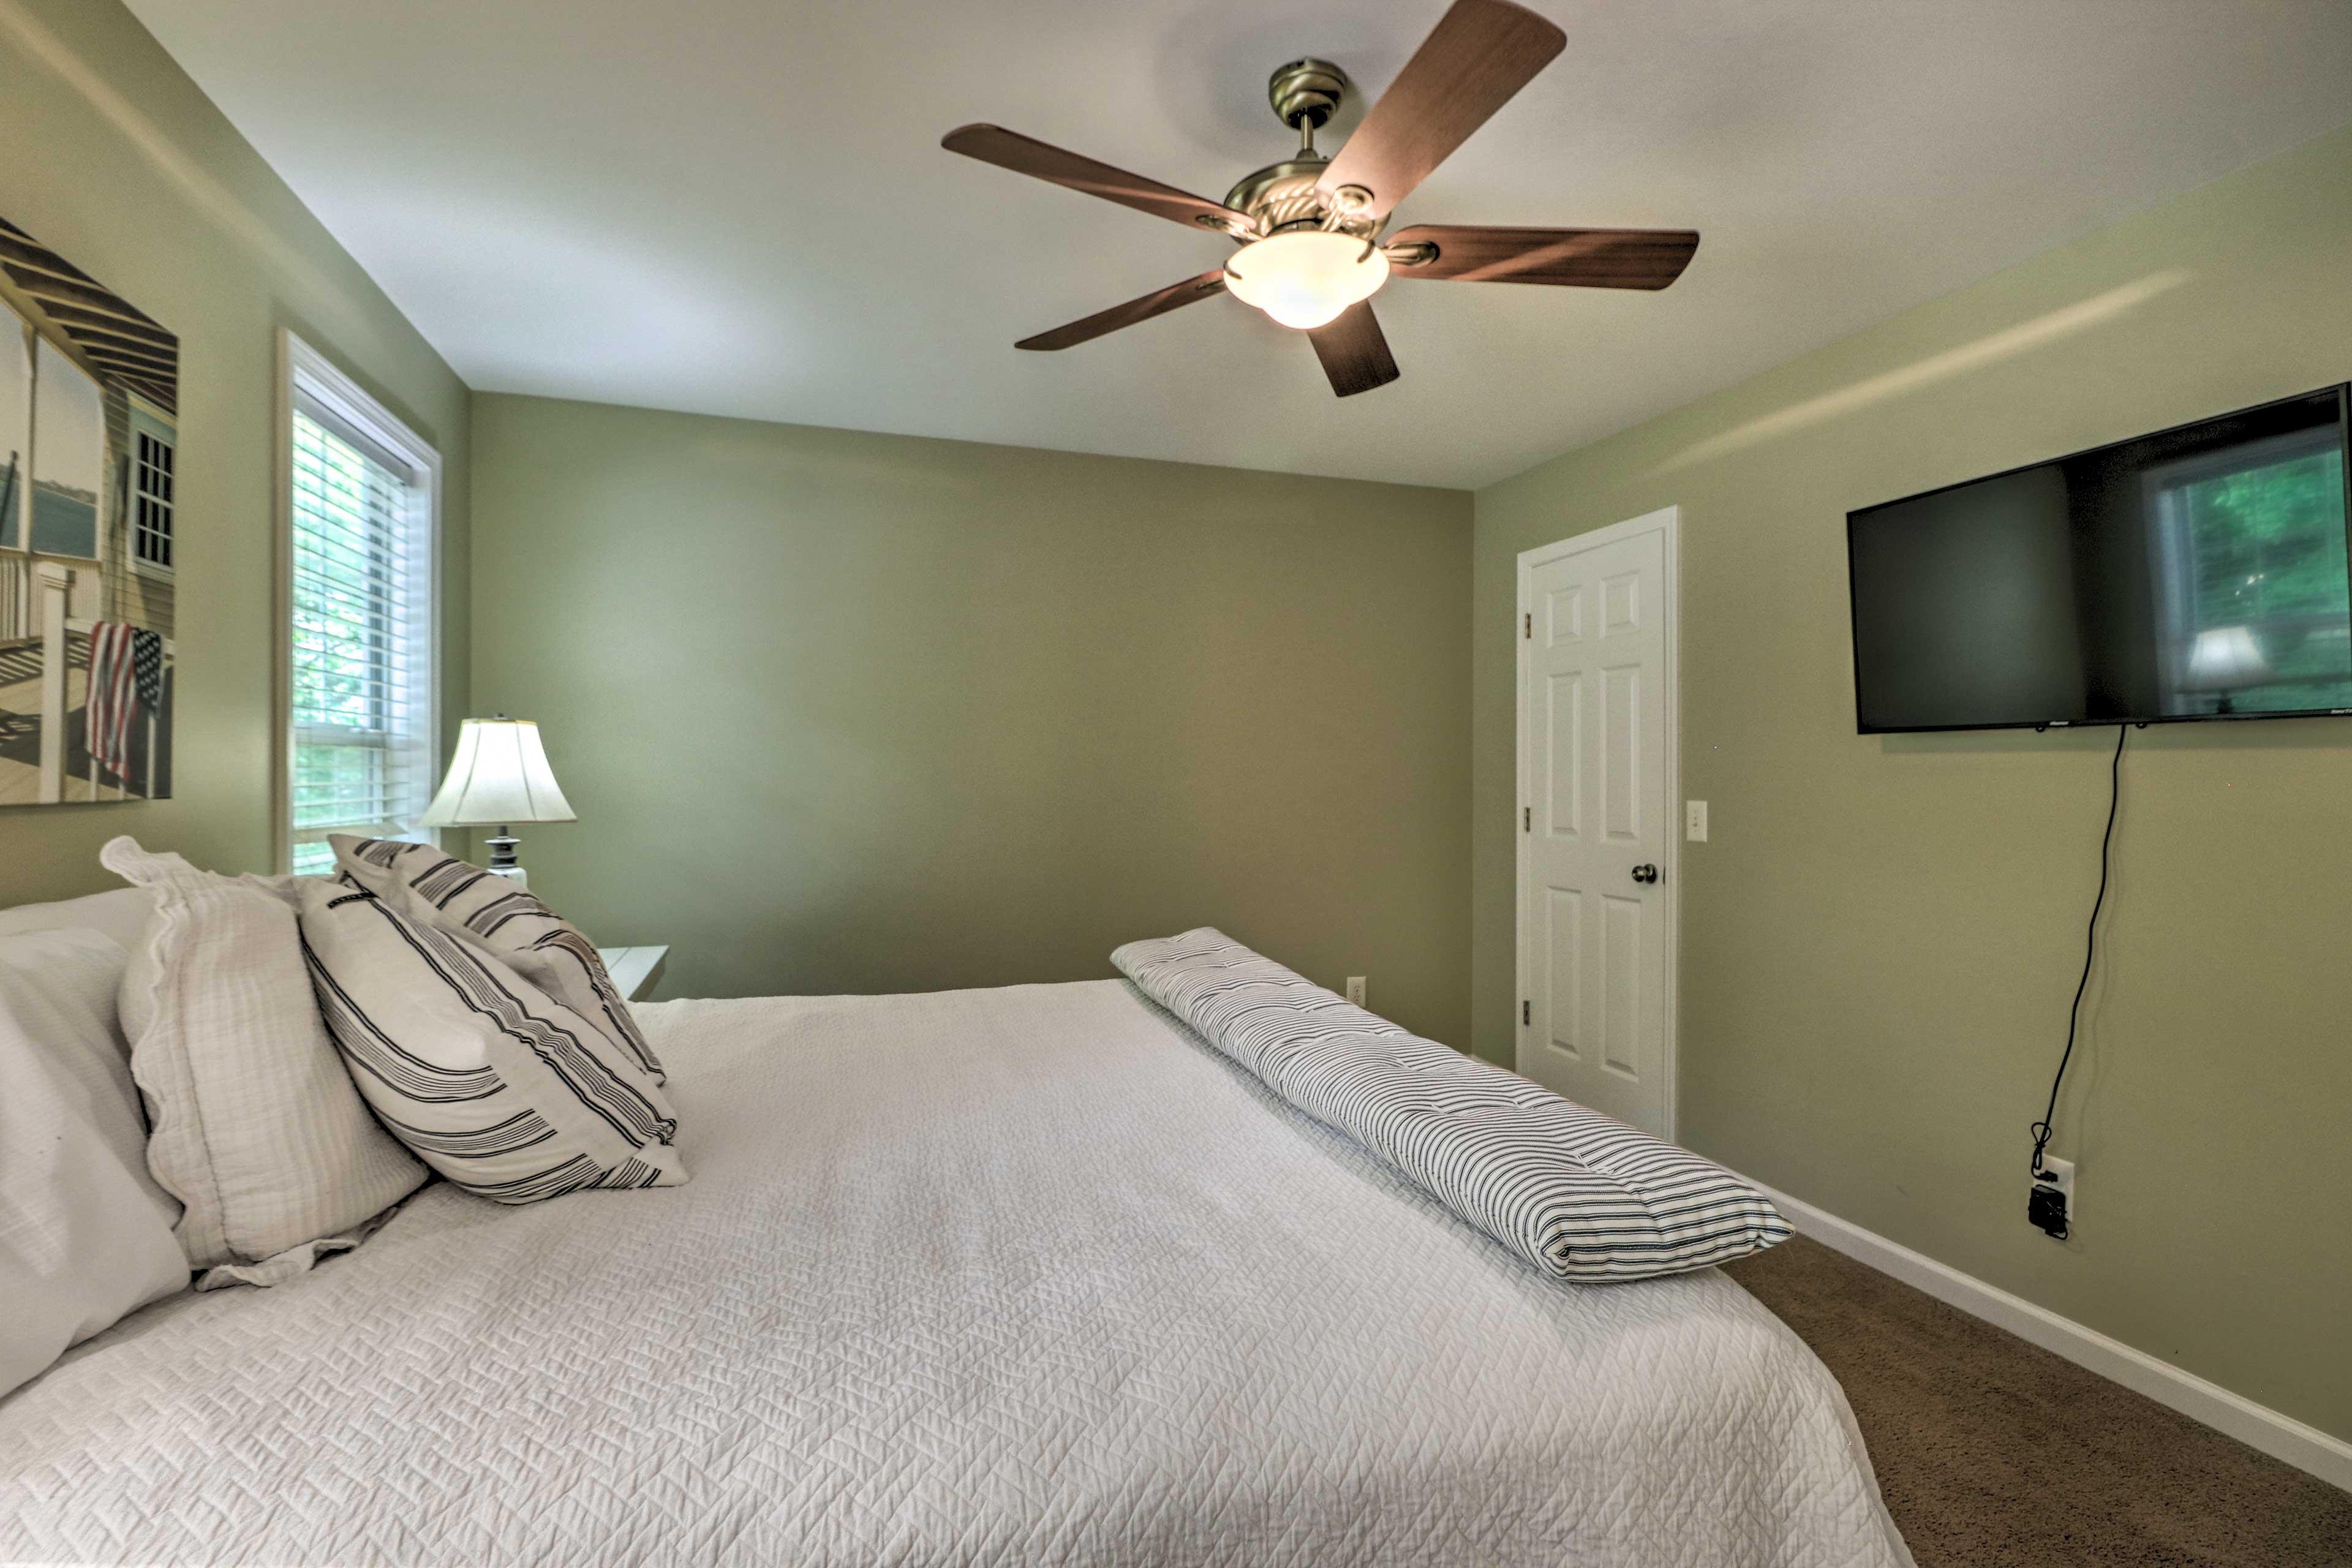 Bedroom 1 | Flat-Screen TV